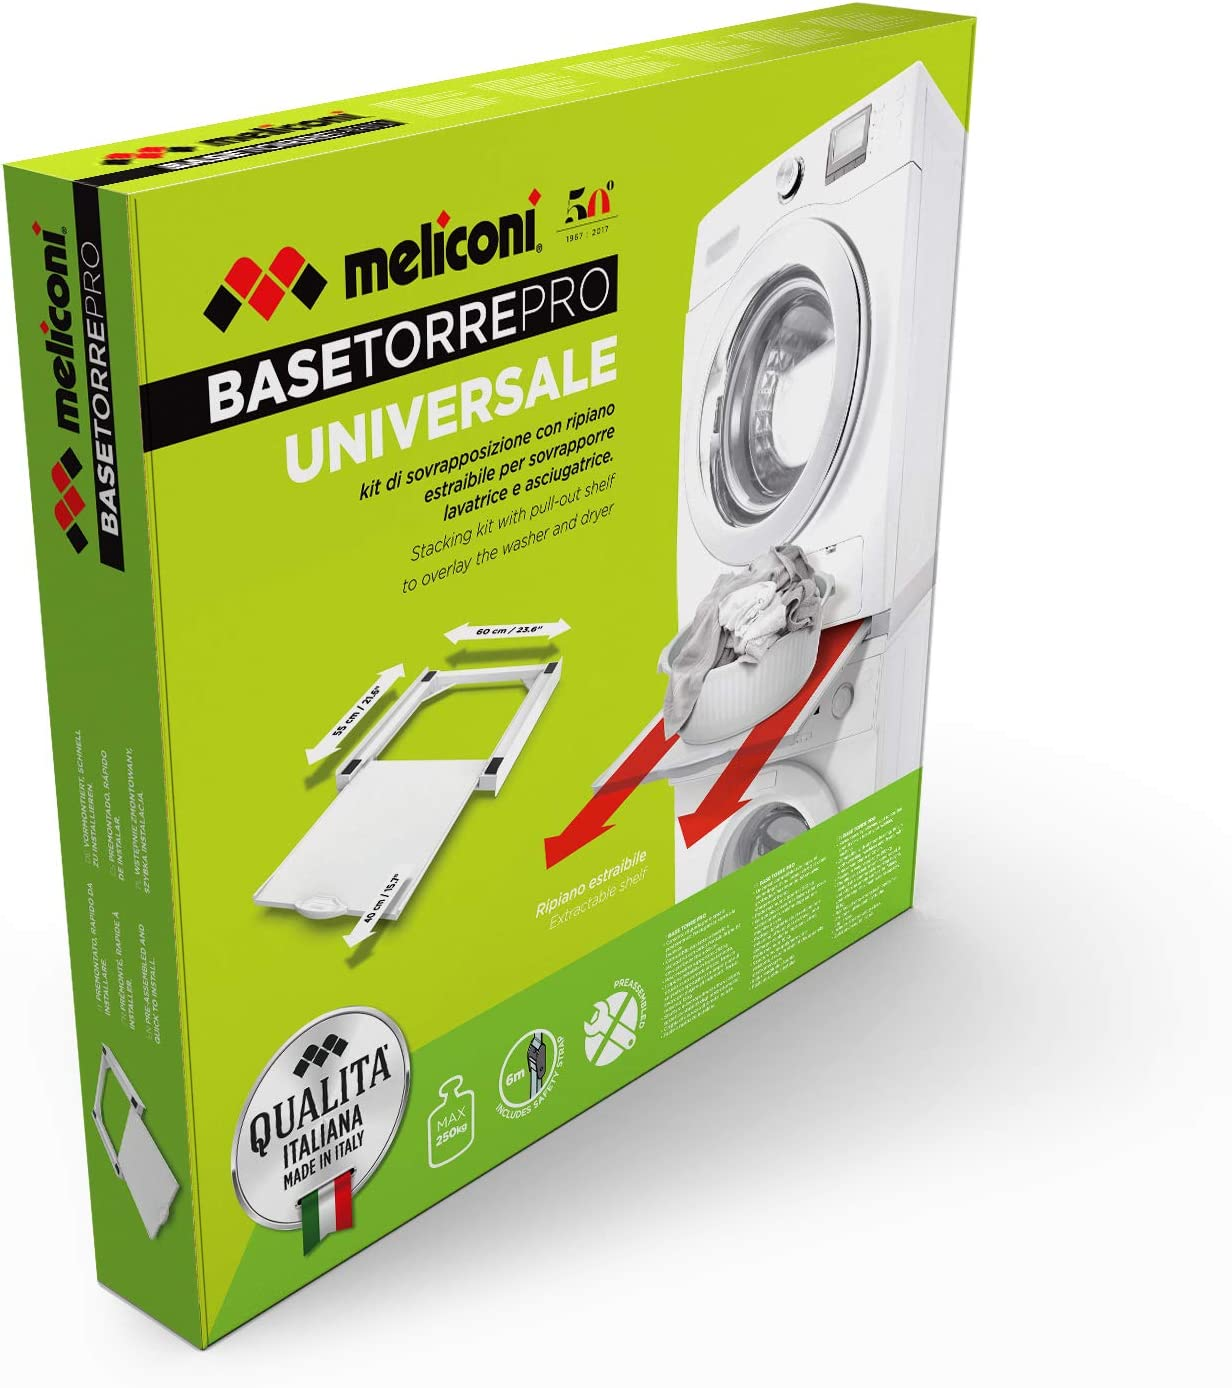 Meliconi Torre Pro Pieza y Accesorio de lavadoras Kit de ...